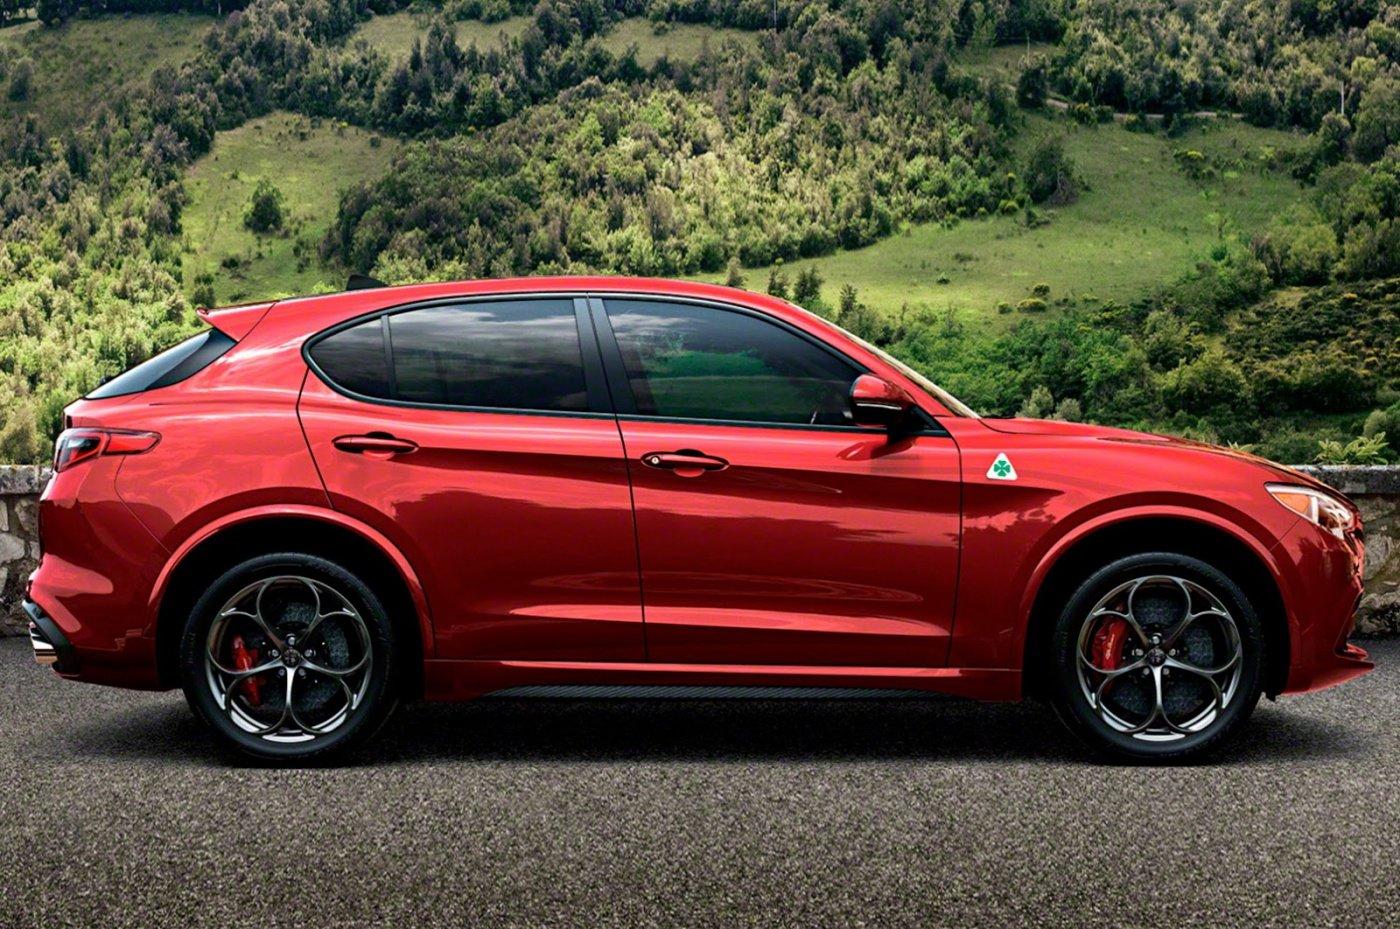 Появились первые фотографии люксового джипа Alfa-Romeo Stelvio